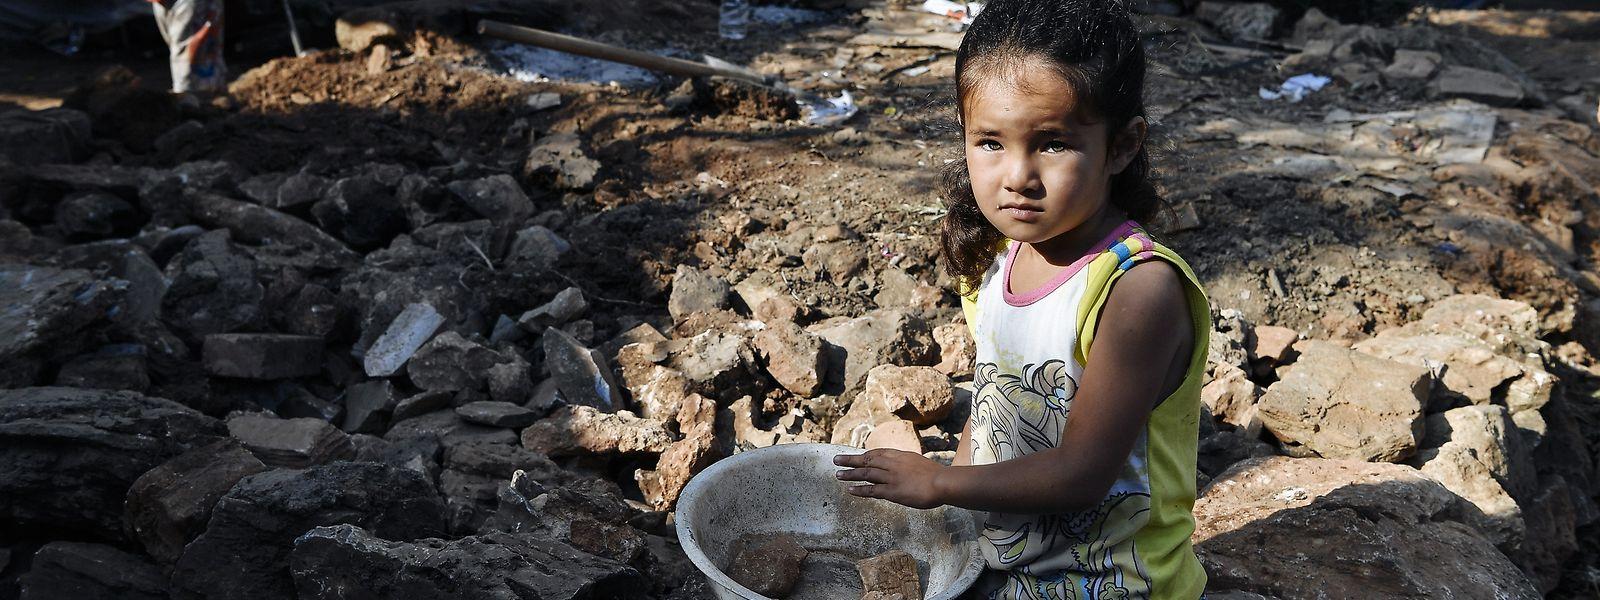 Auf der Flucht vor Krieg, Gewalt oder Armut verlassen viele unbegleitete Minderjährige Heimatland und Familie.